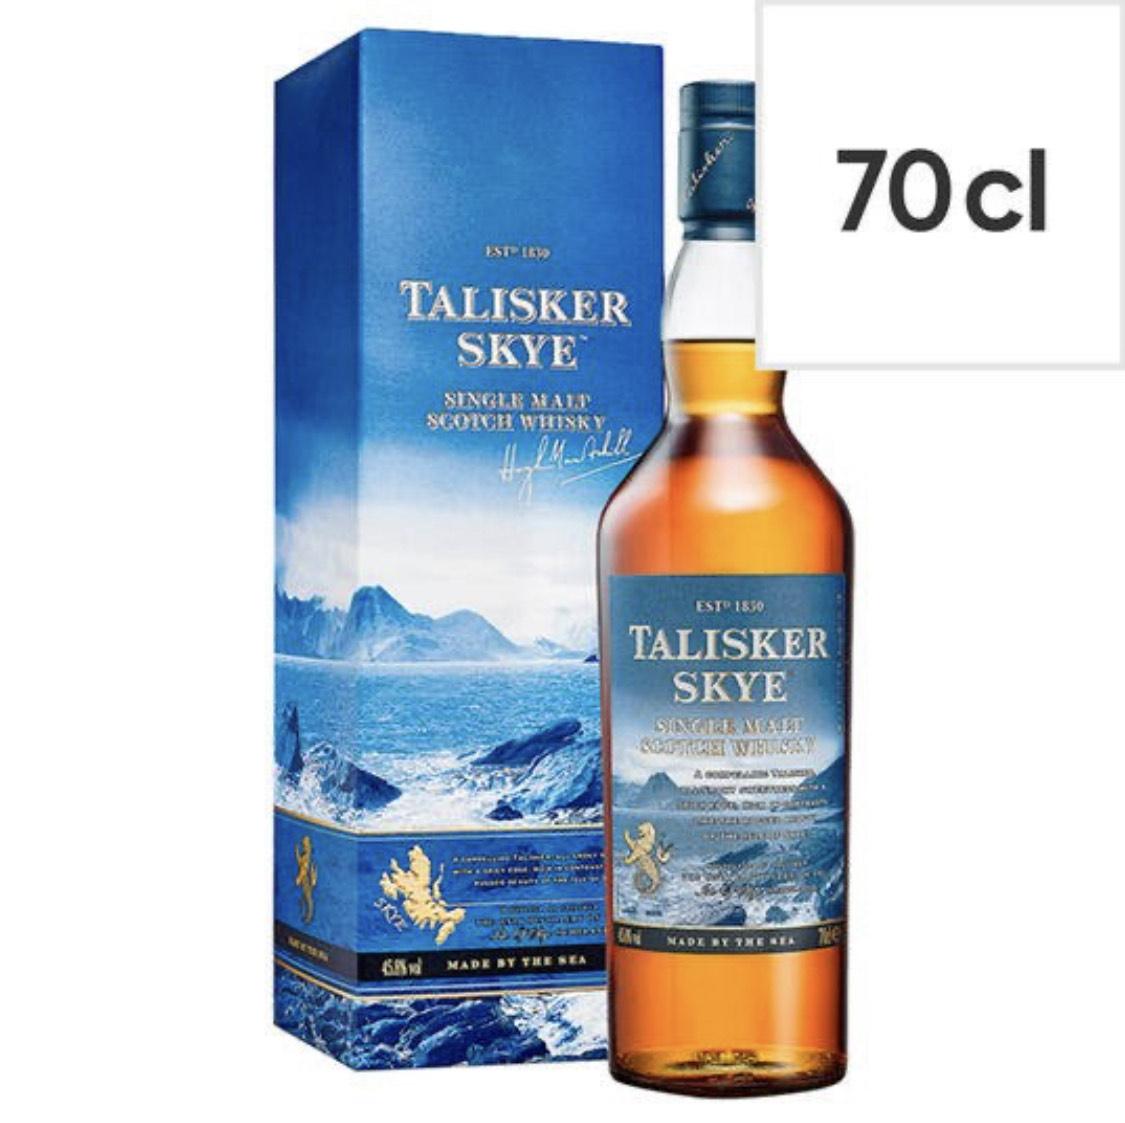 Talisker Skye (70cl) - £26 @ Tesco